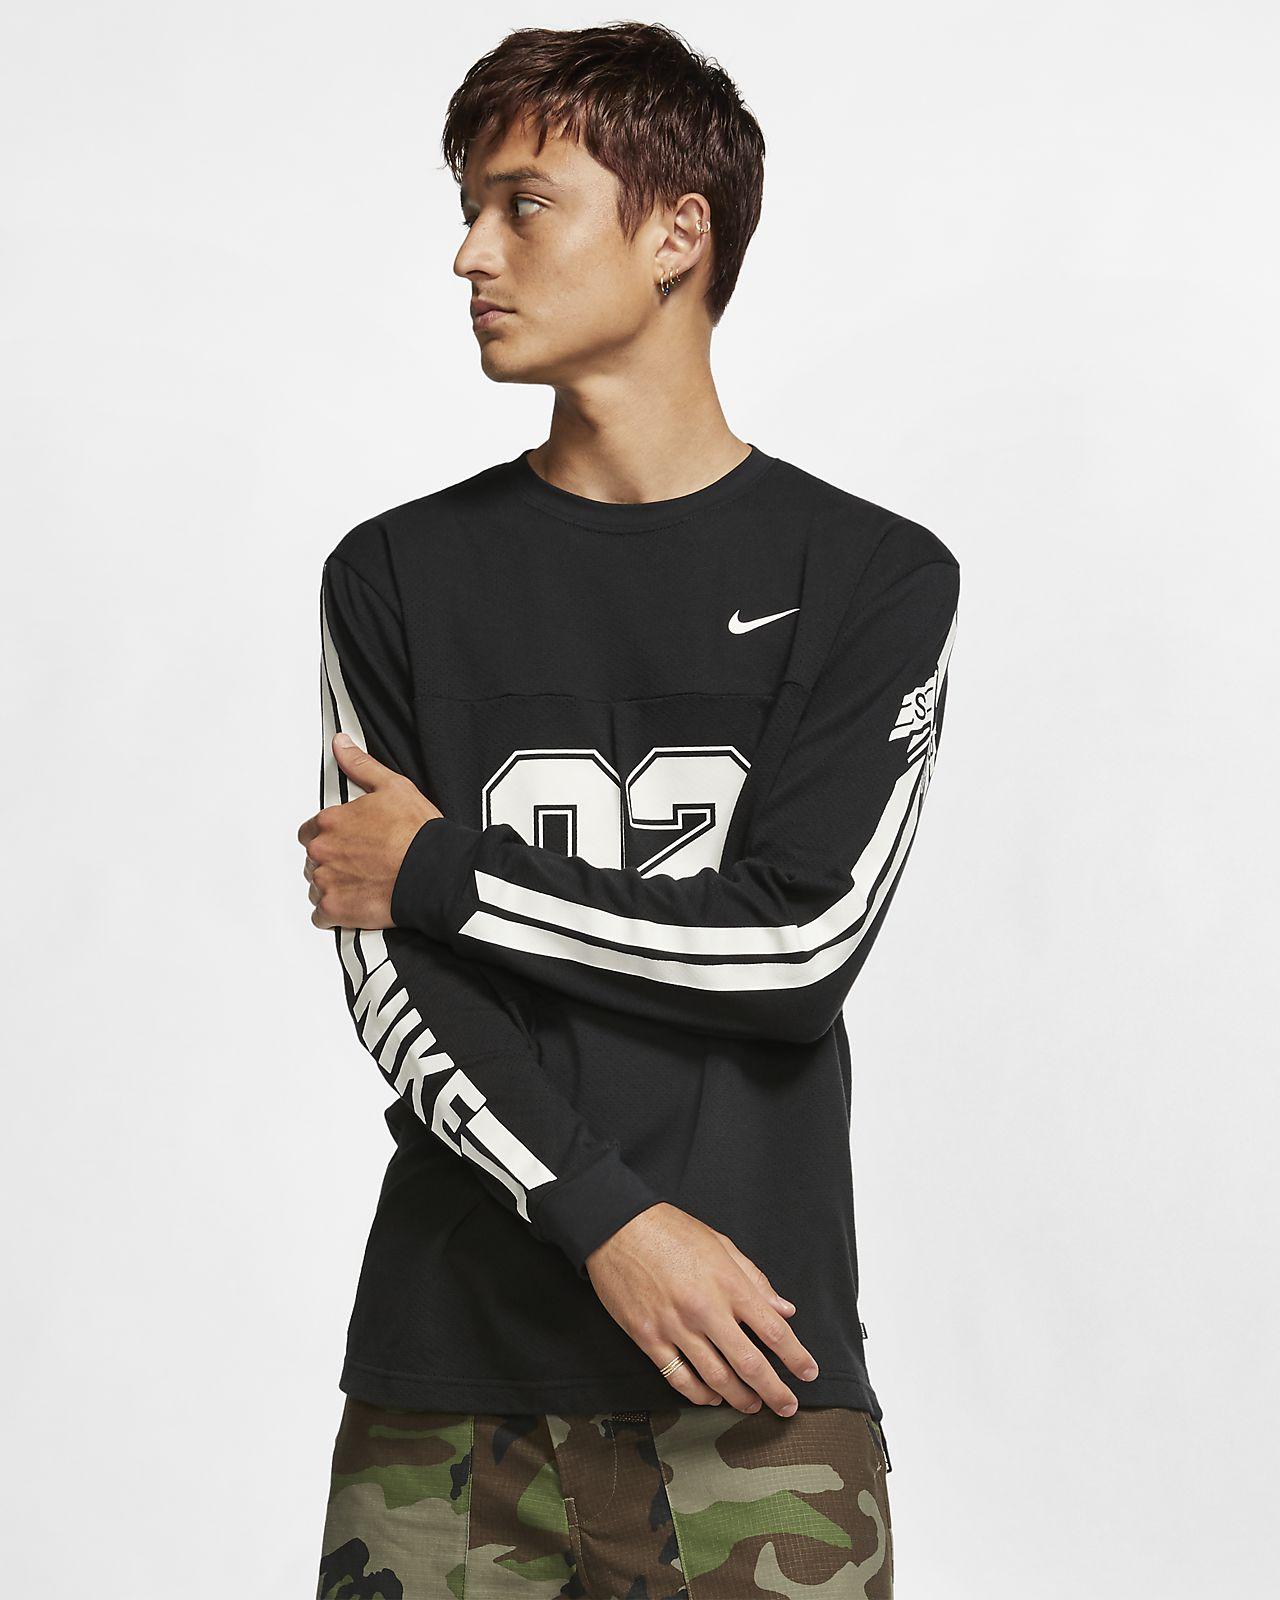 Långärmad skatetröja Nike SB i mesh